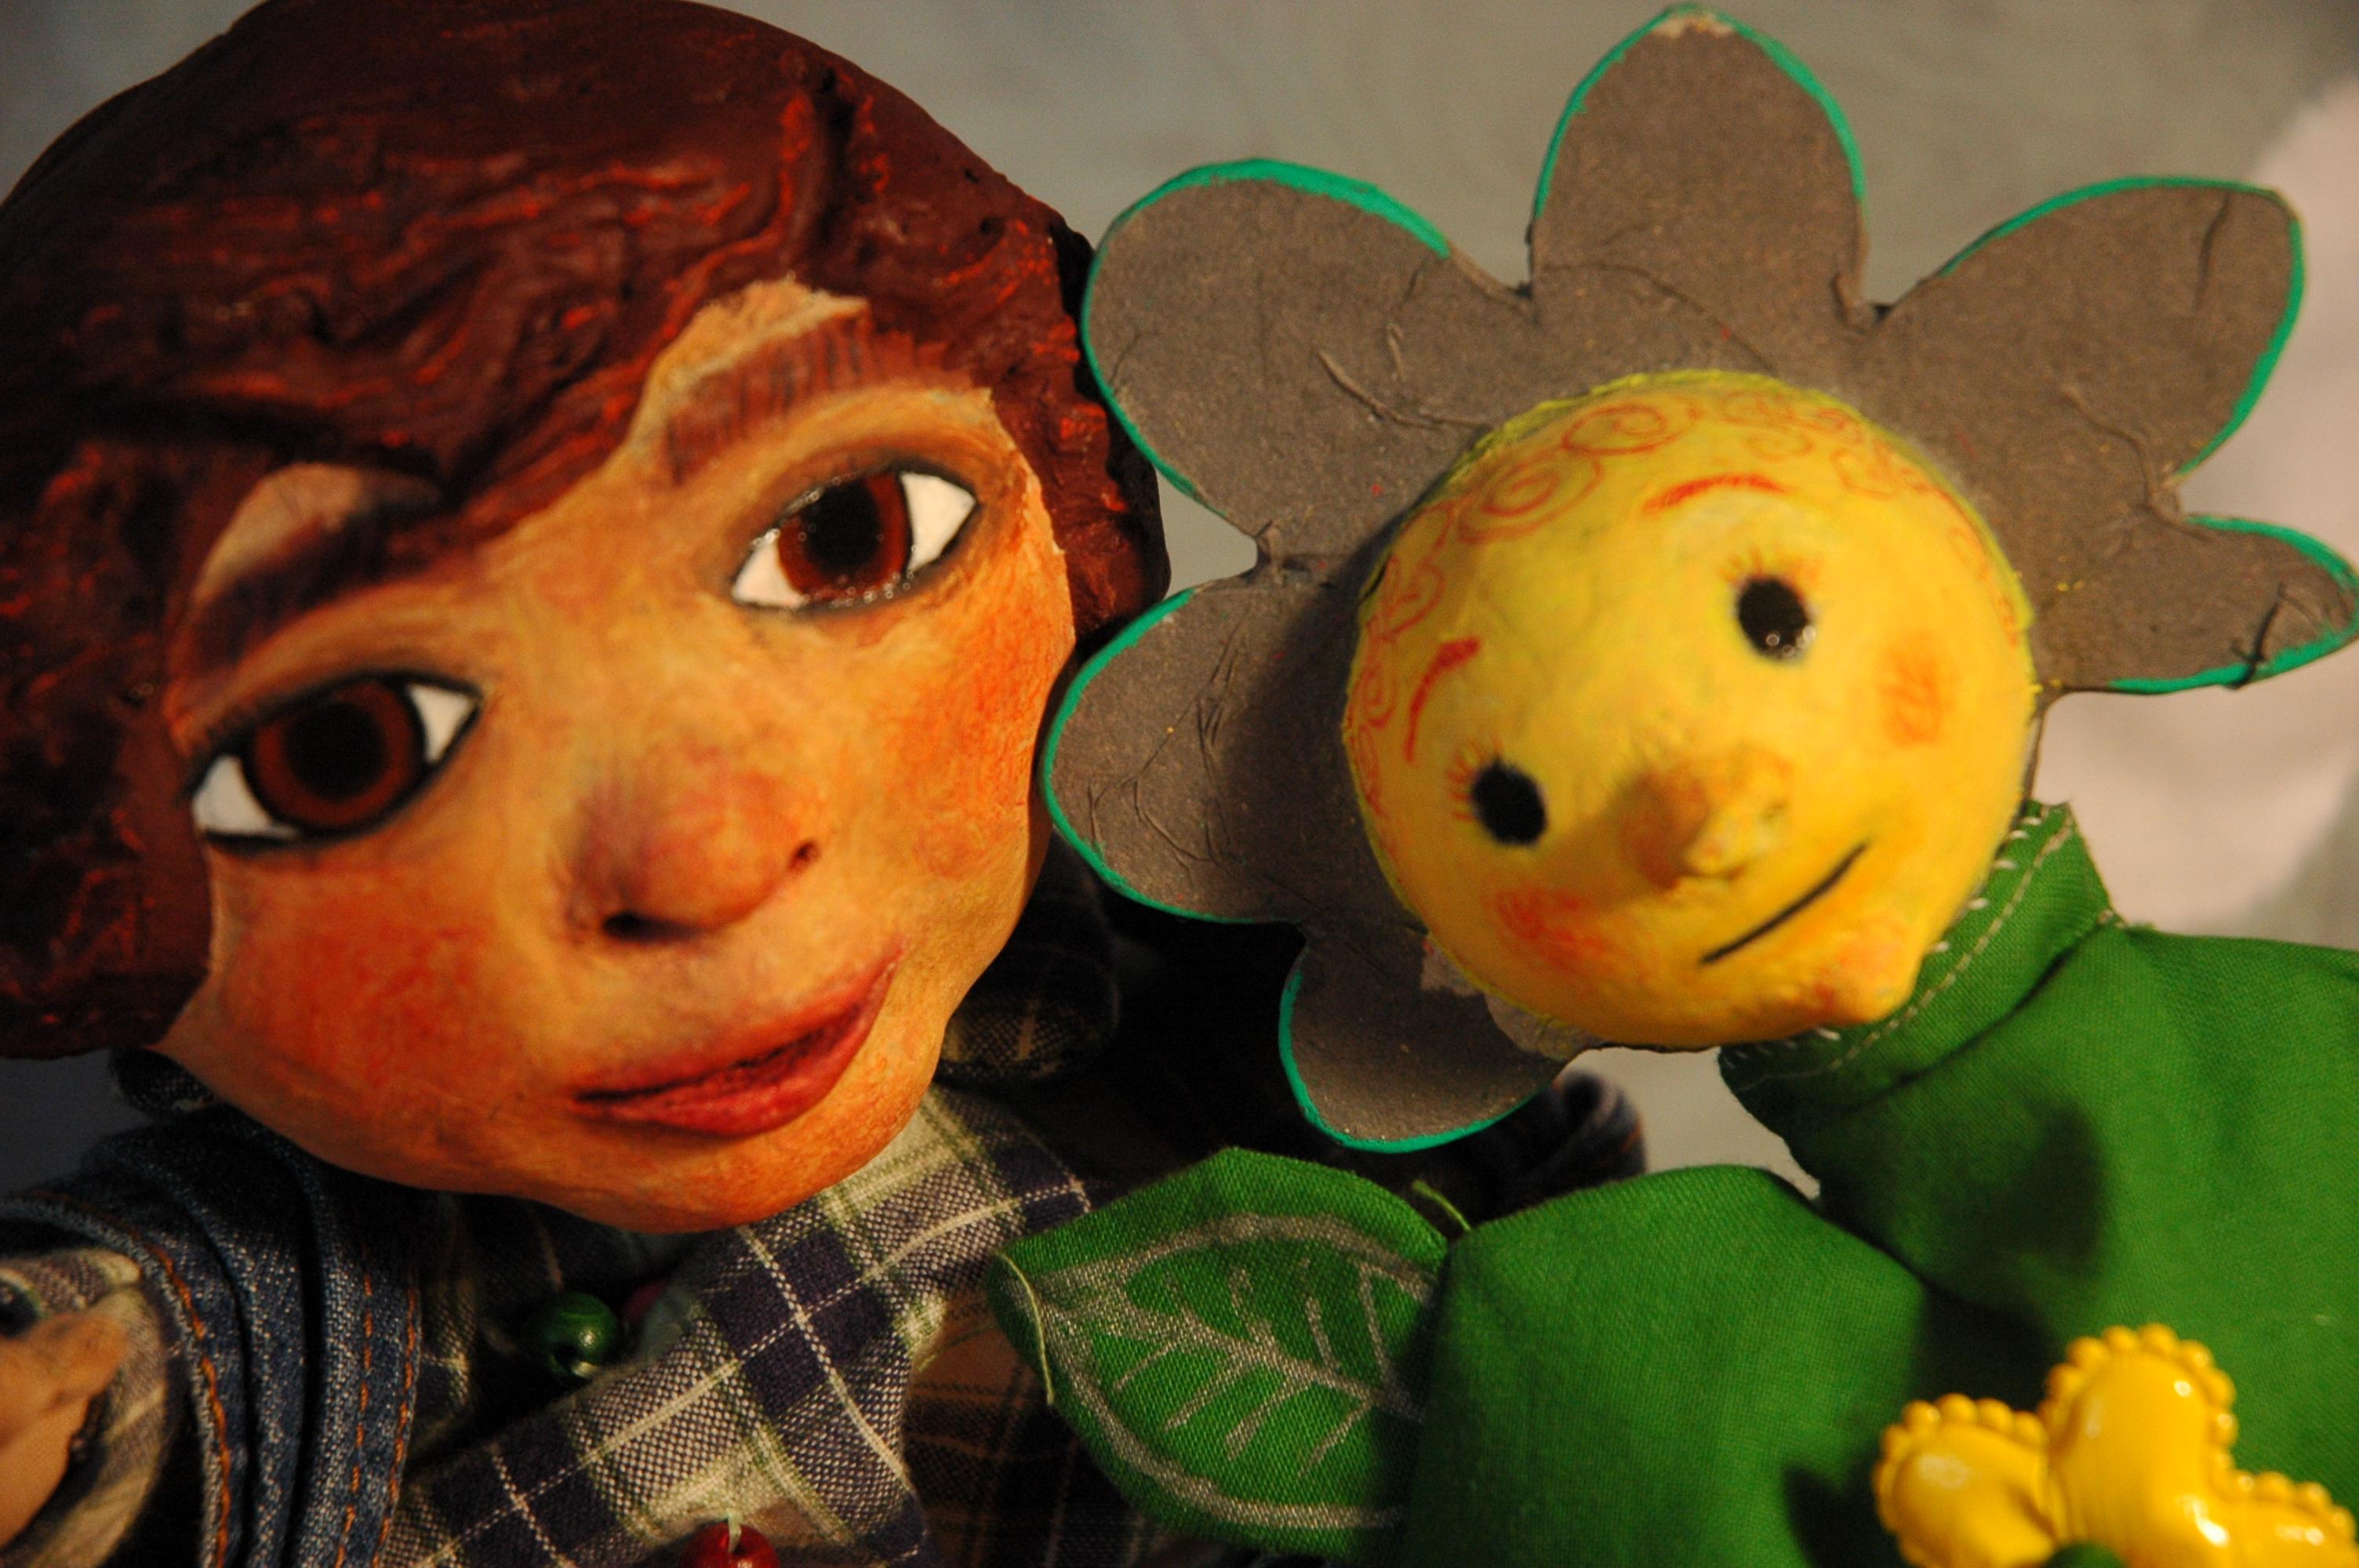 La soupe au caillou (Marionnettes du marché)